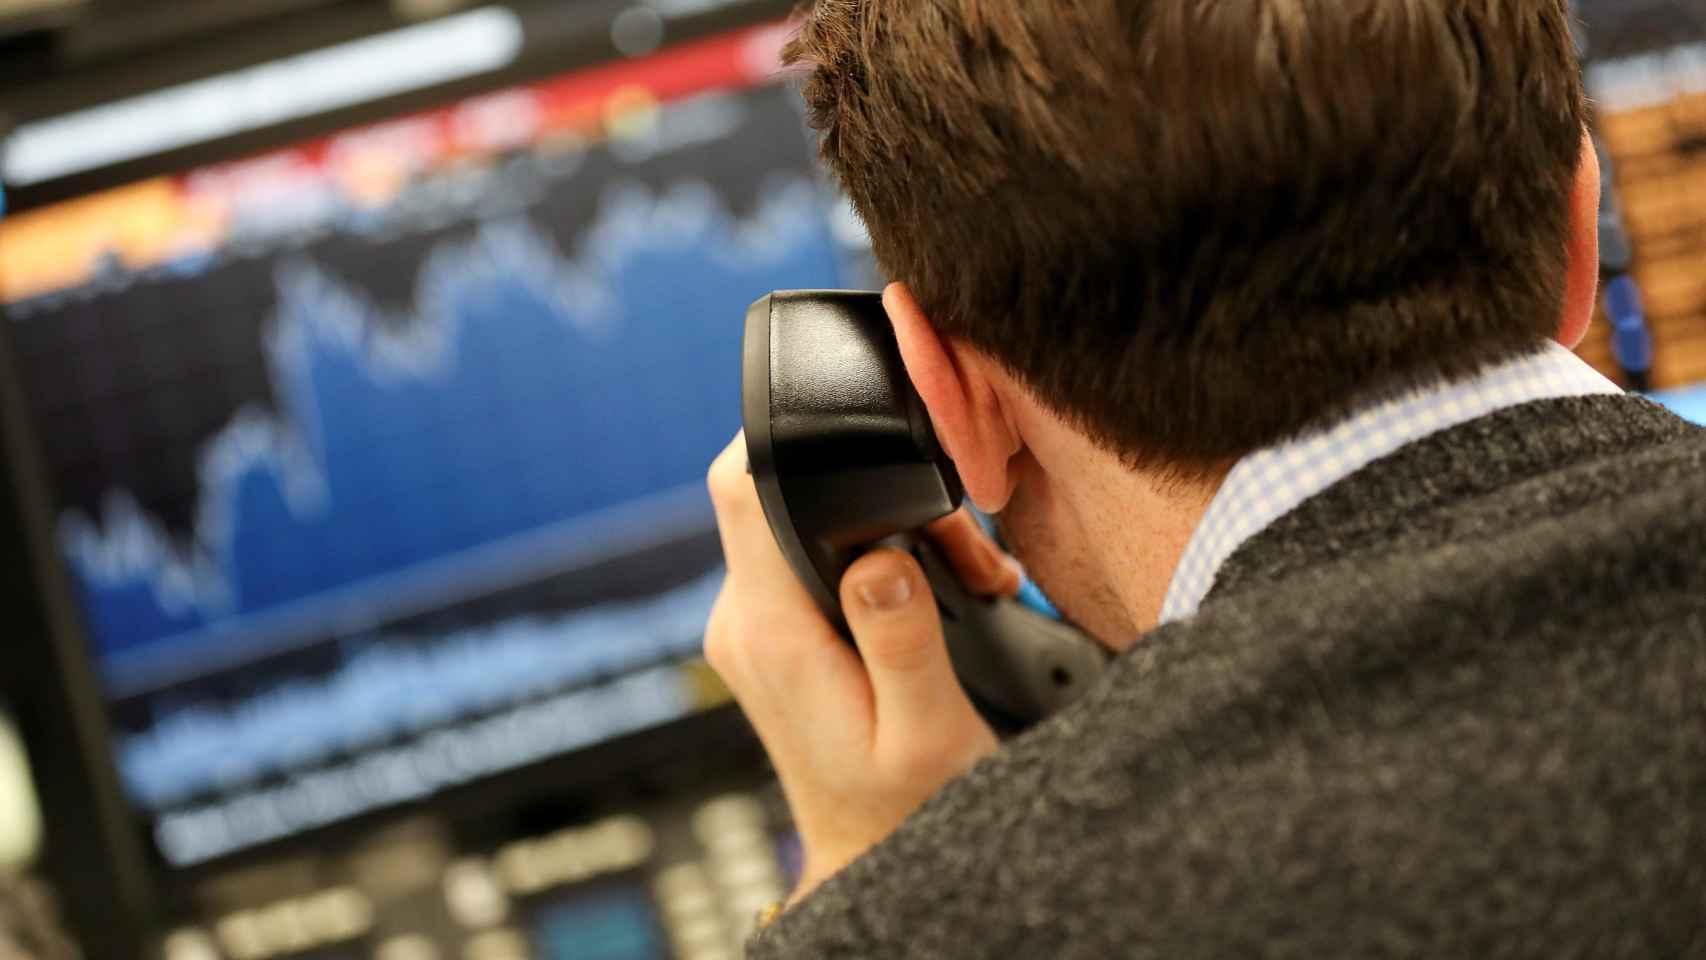 Un bróker consulta pantallas de cotización mientras lanza órdenes telefónicas.